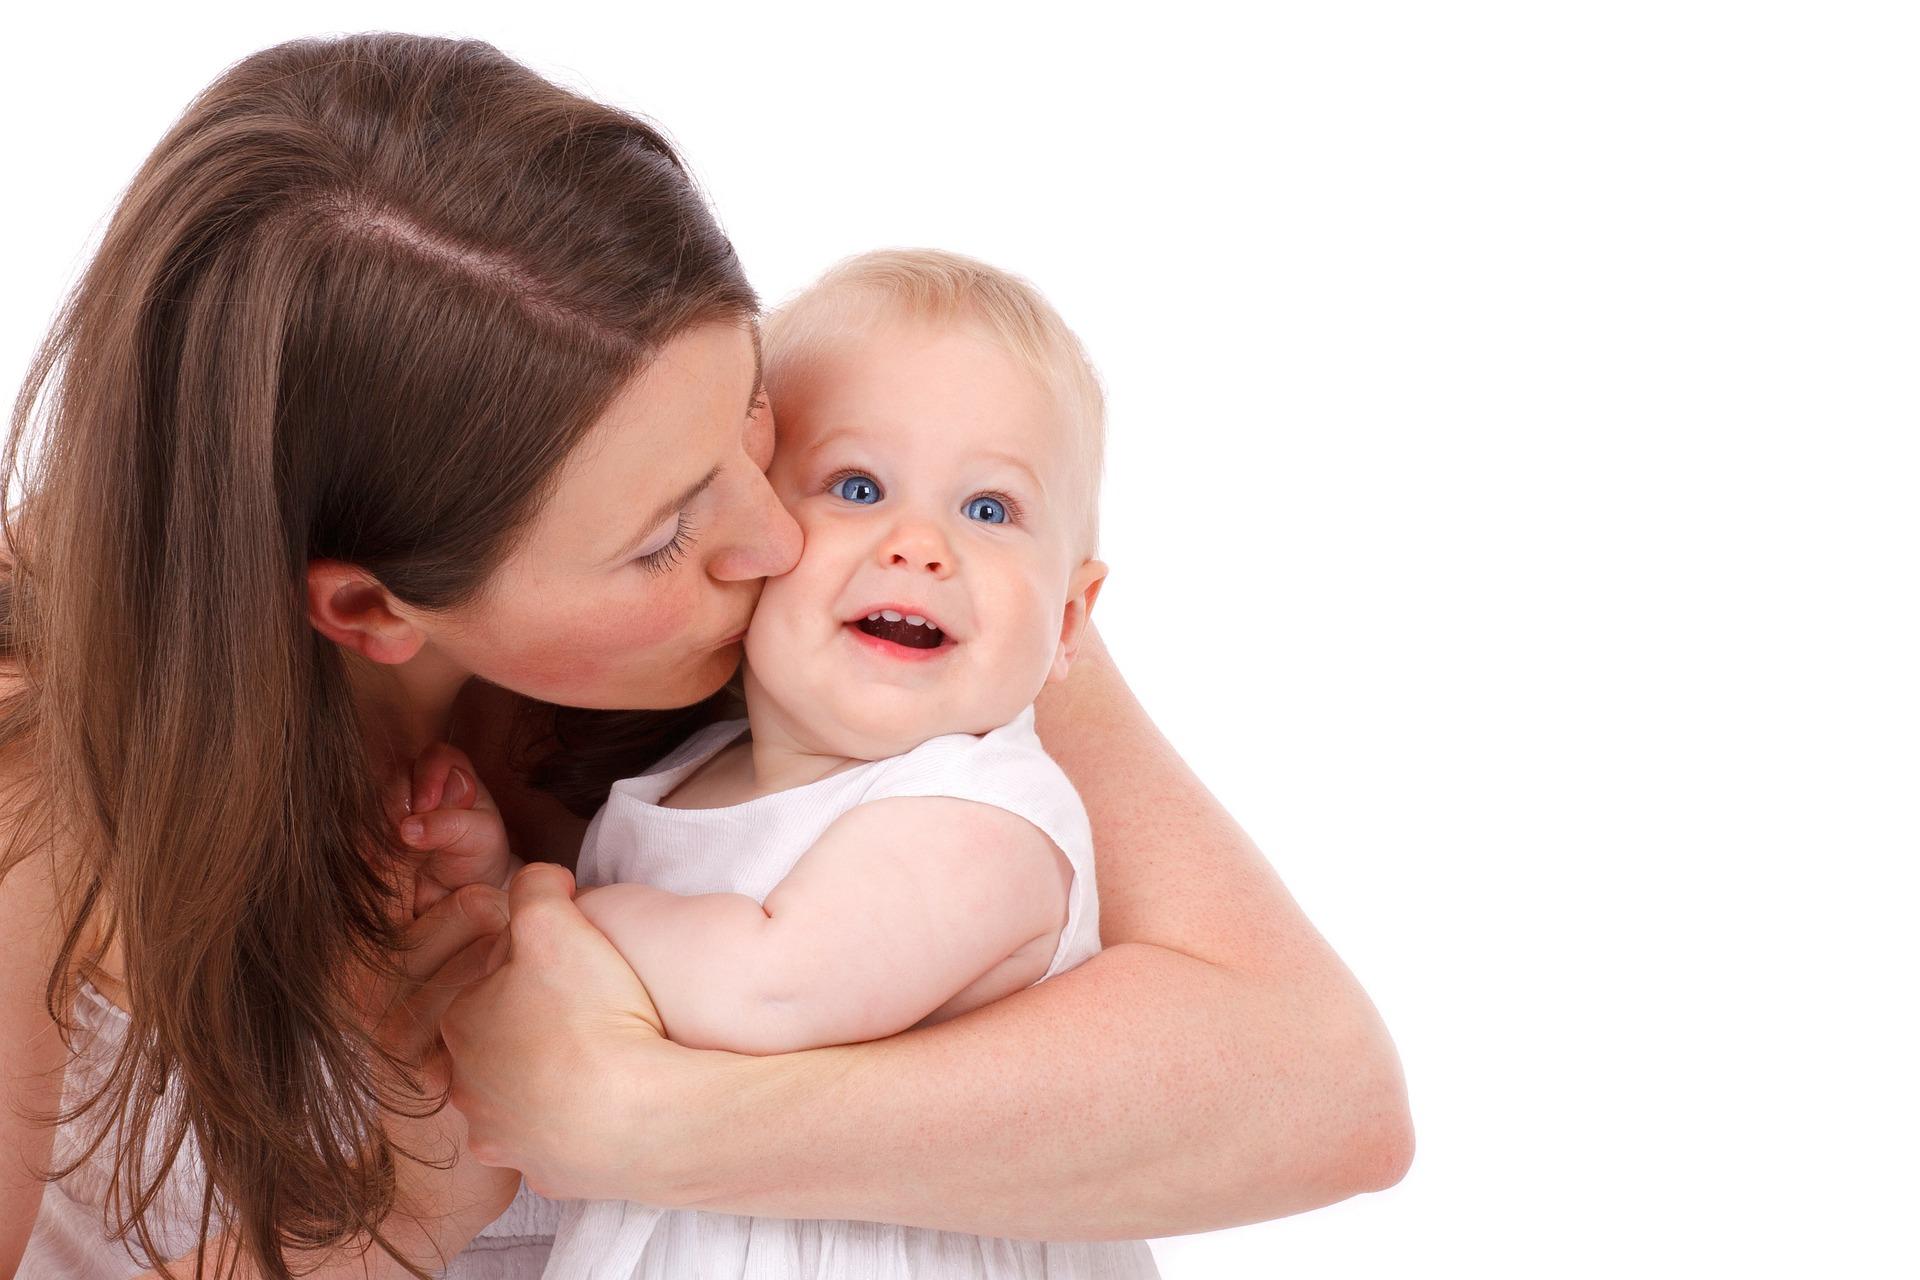 産後1 ヶ月は産褥期!産褥期の正しい過ごし方とは?産後1 ヶ月の過ごし方まとめ